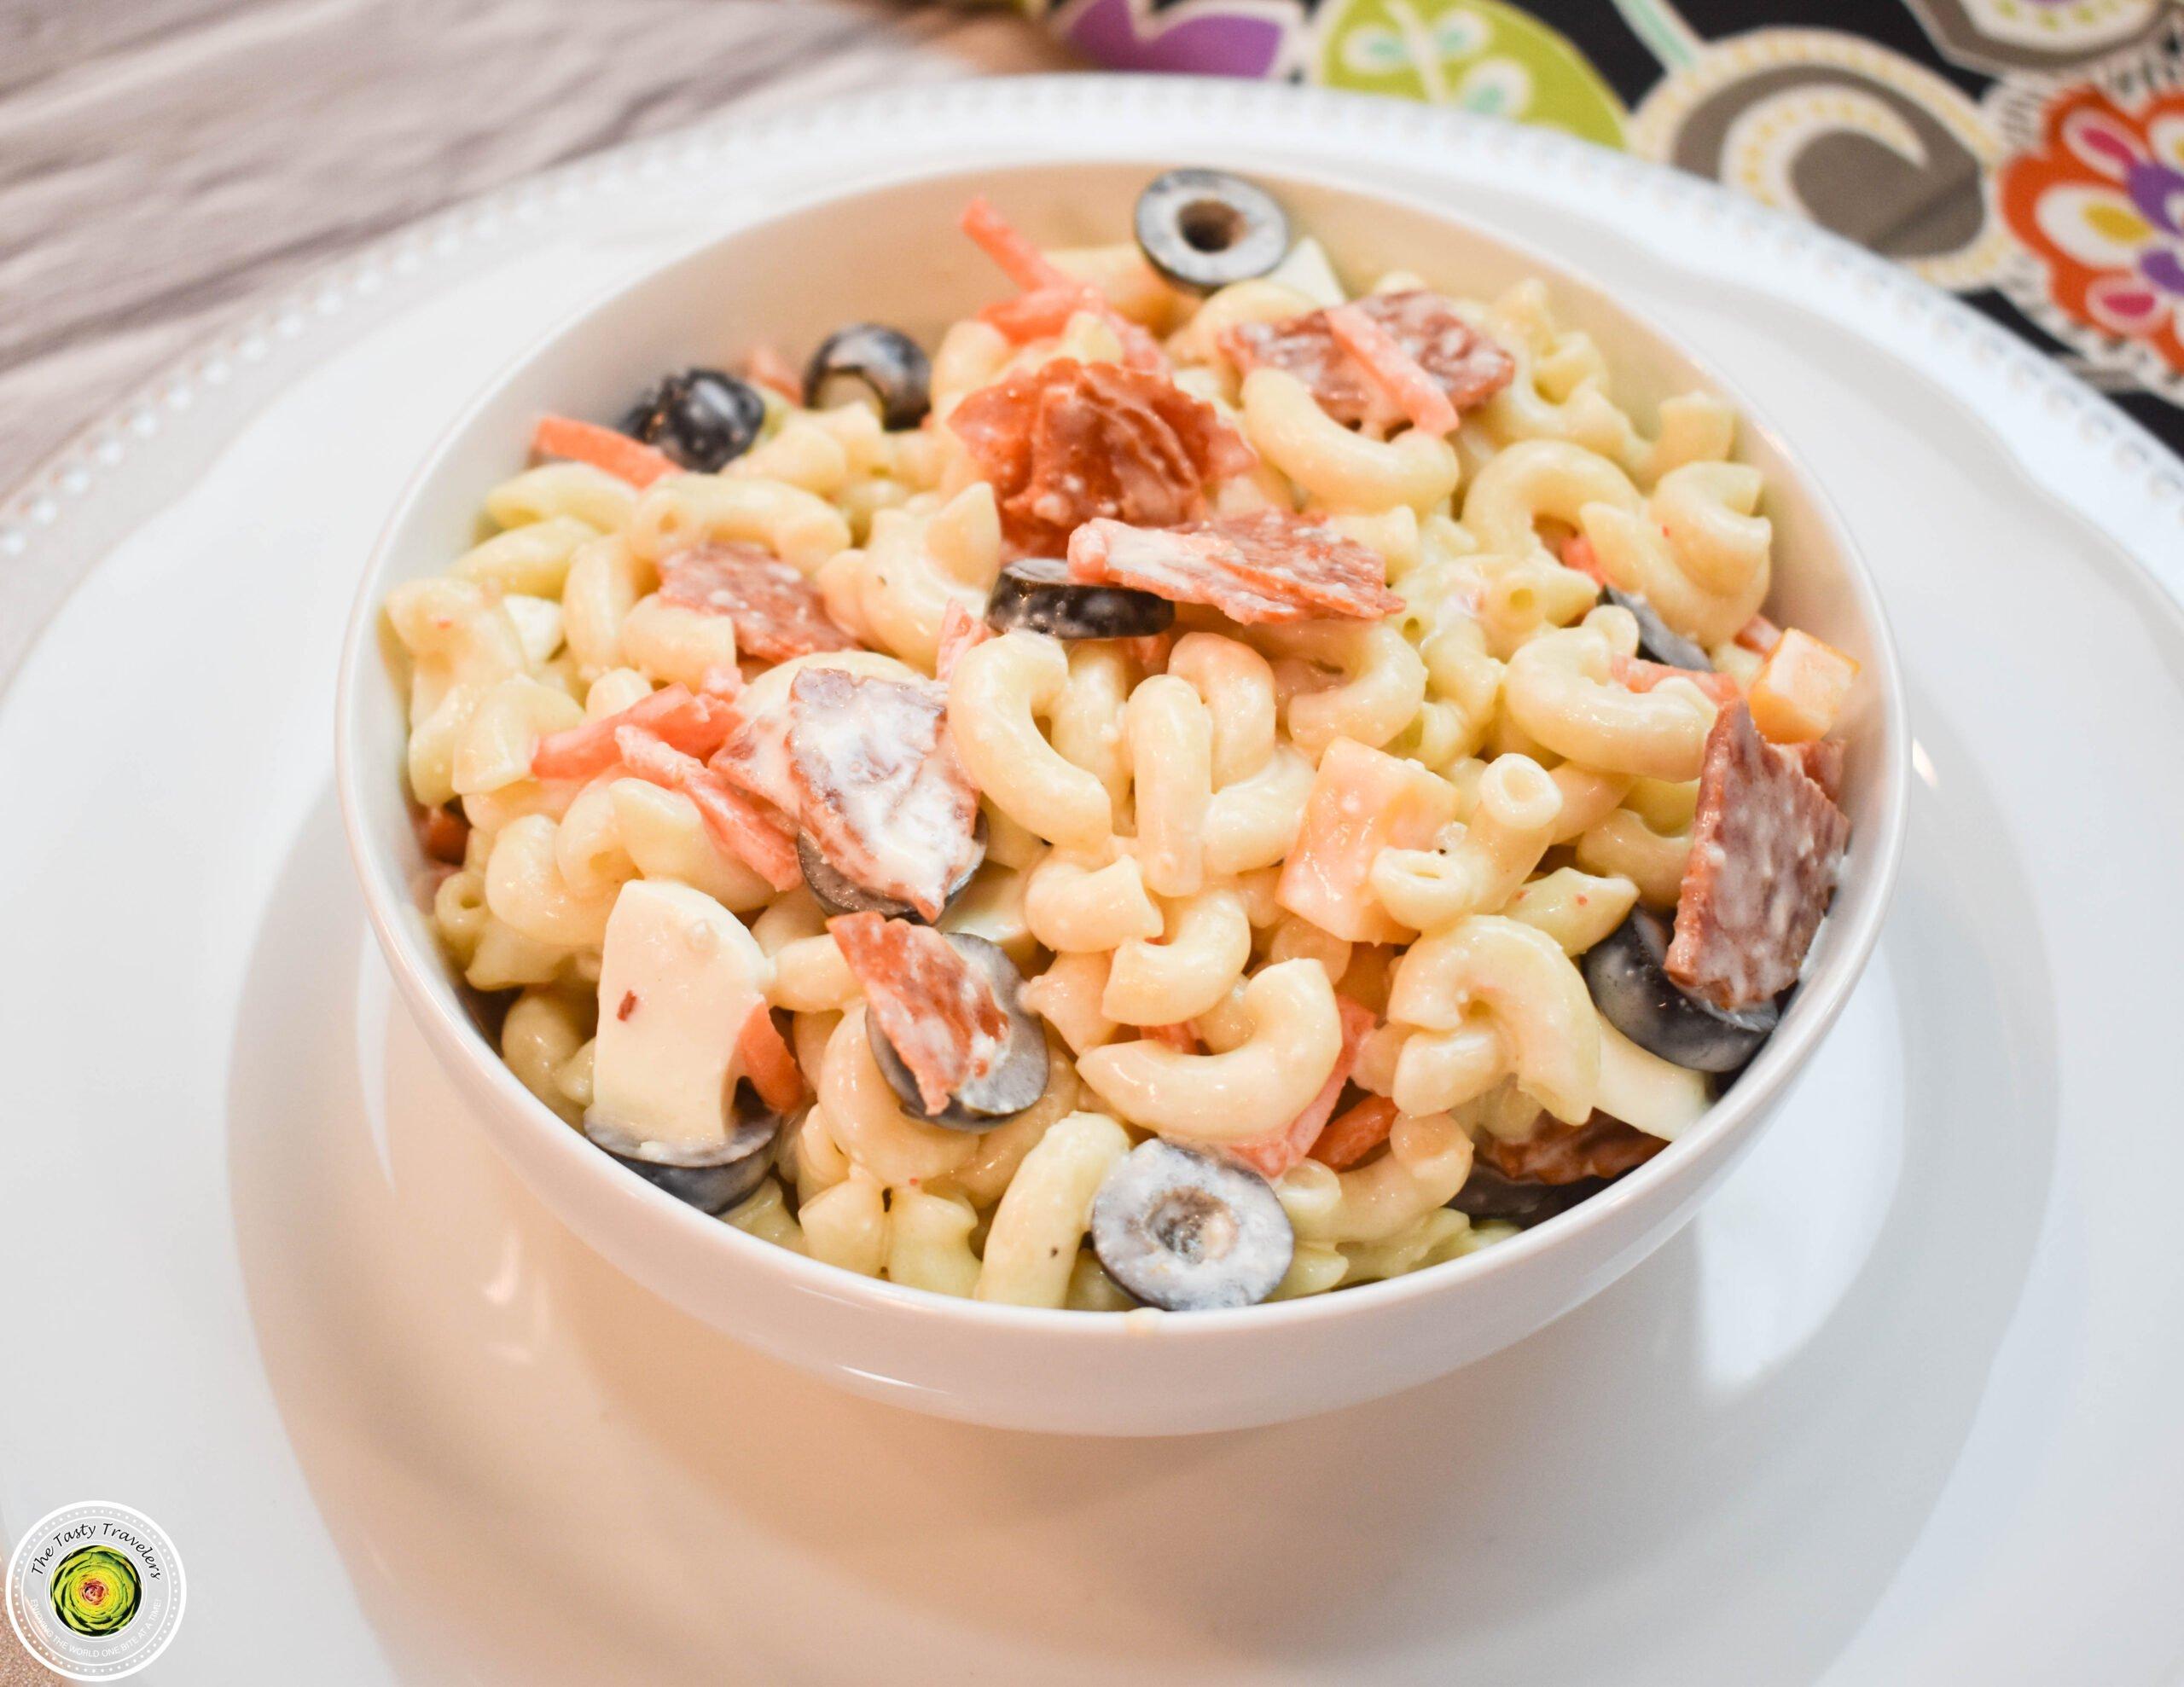 Ninja Foodi Pepperoni Pasta Salad